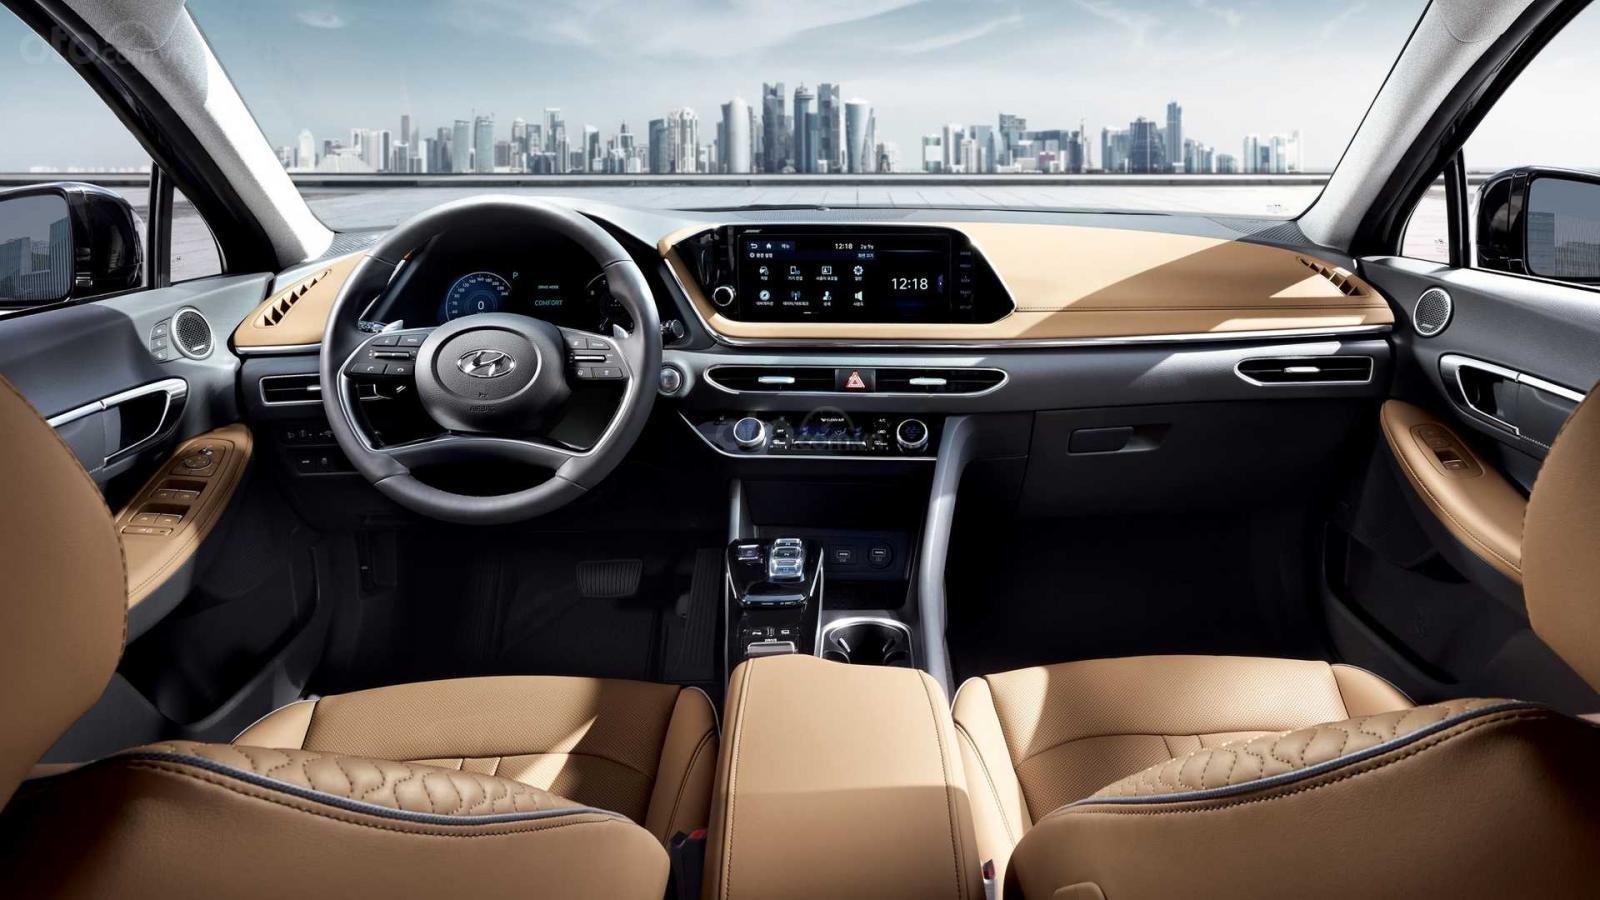 Ảnh nội thất Hyundai Sonata 2020 a6